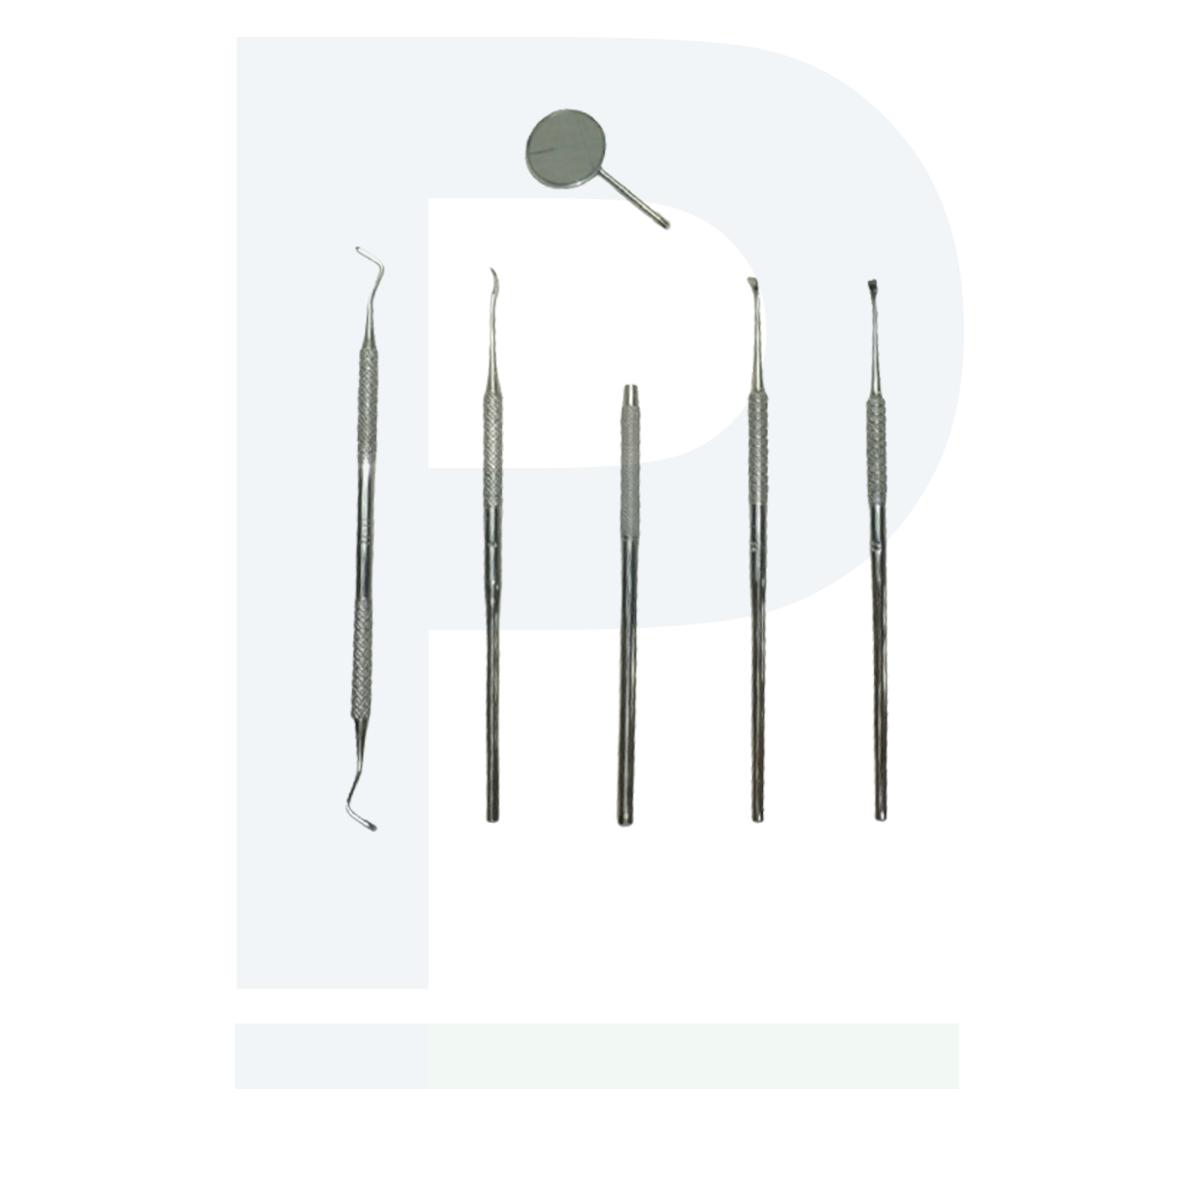 Kit Odontológico 6 Peças - Extração de tártaro